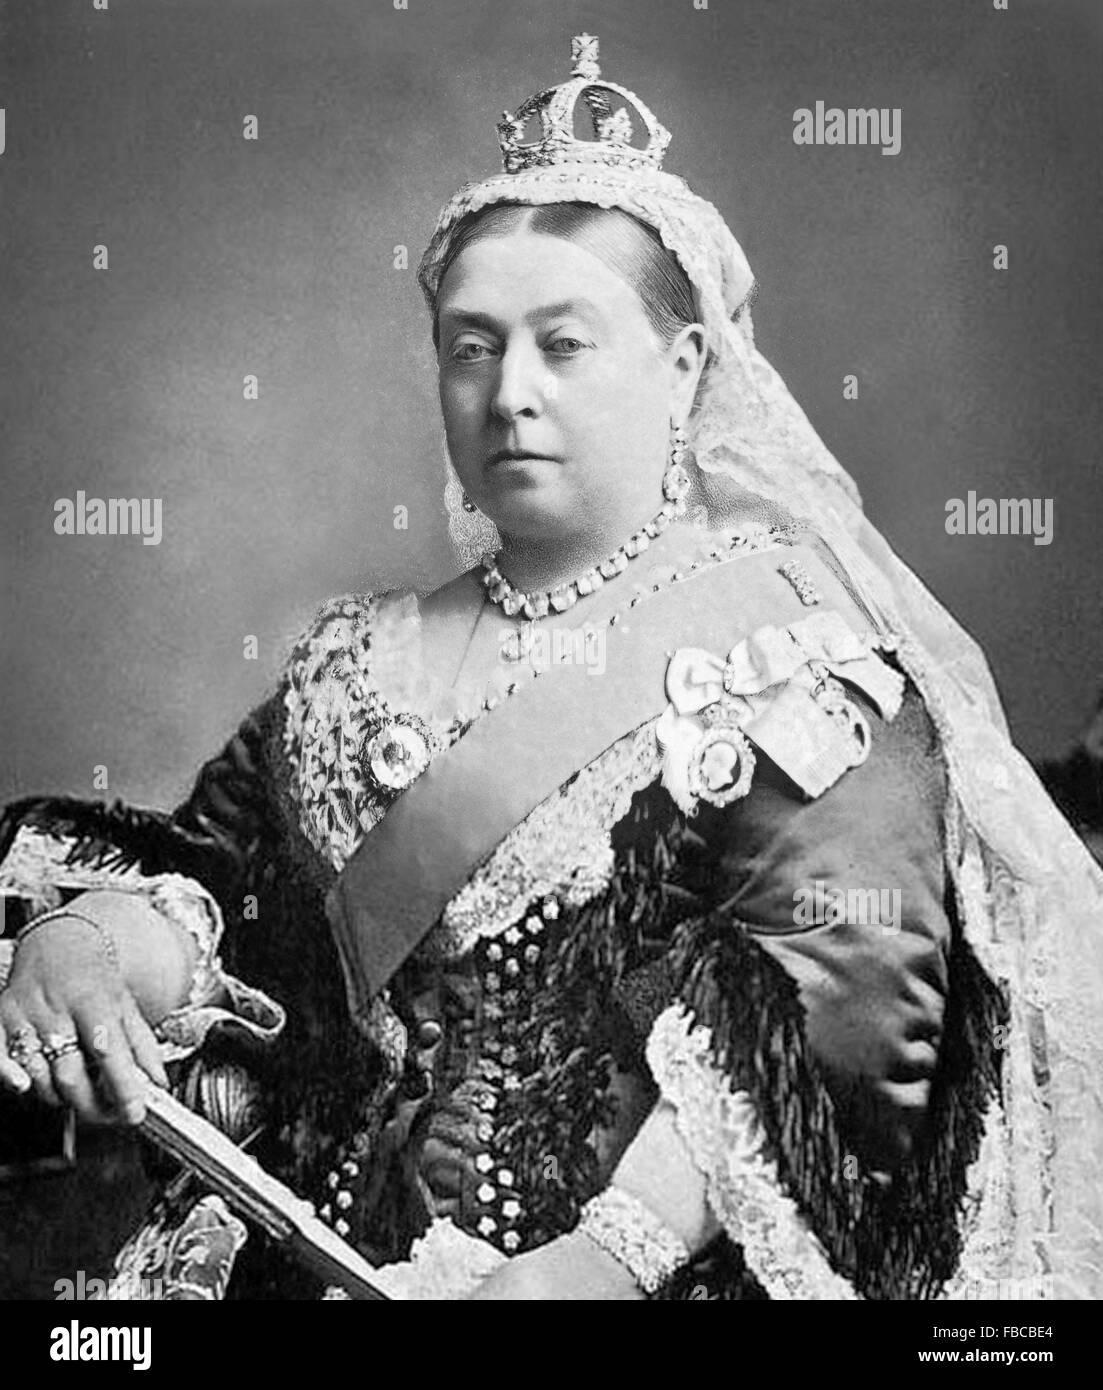 La reine Victoria. Alexander Bassano's photographie de la reine Victoria utilisé à l'occasion Photo Stock